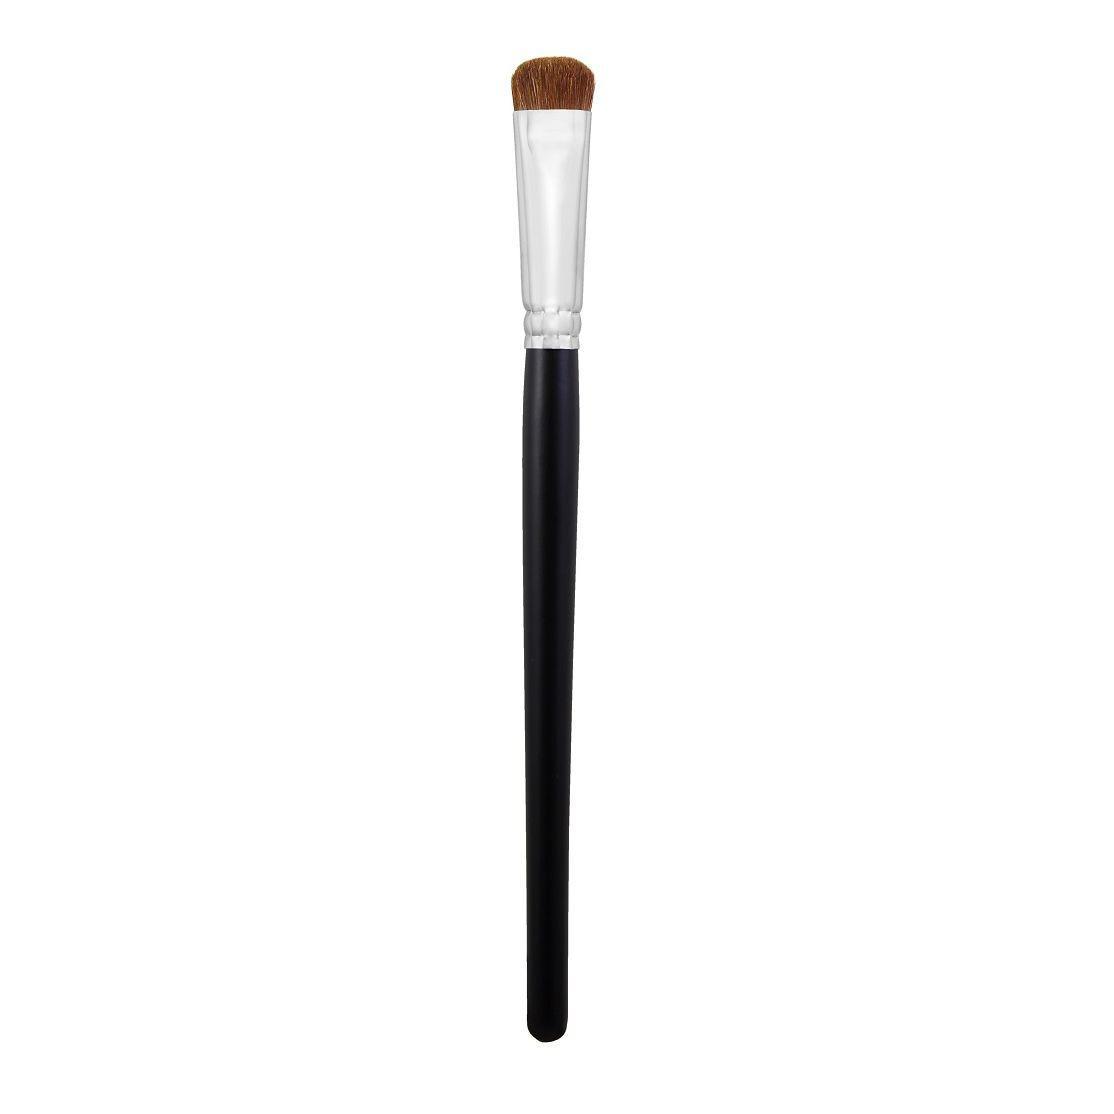 Morphe Chisel Deluxe Flush Brush M208